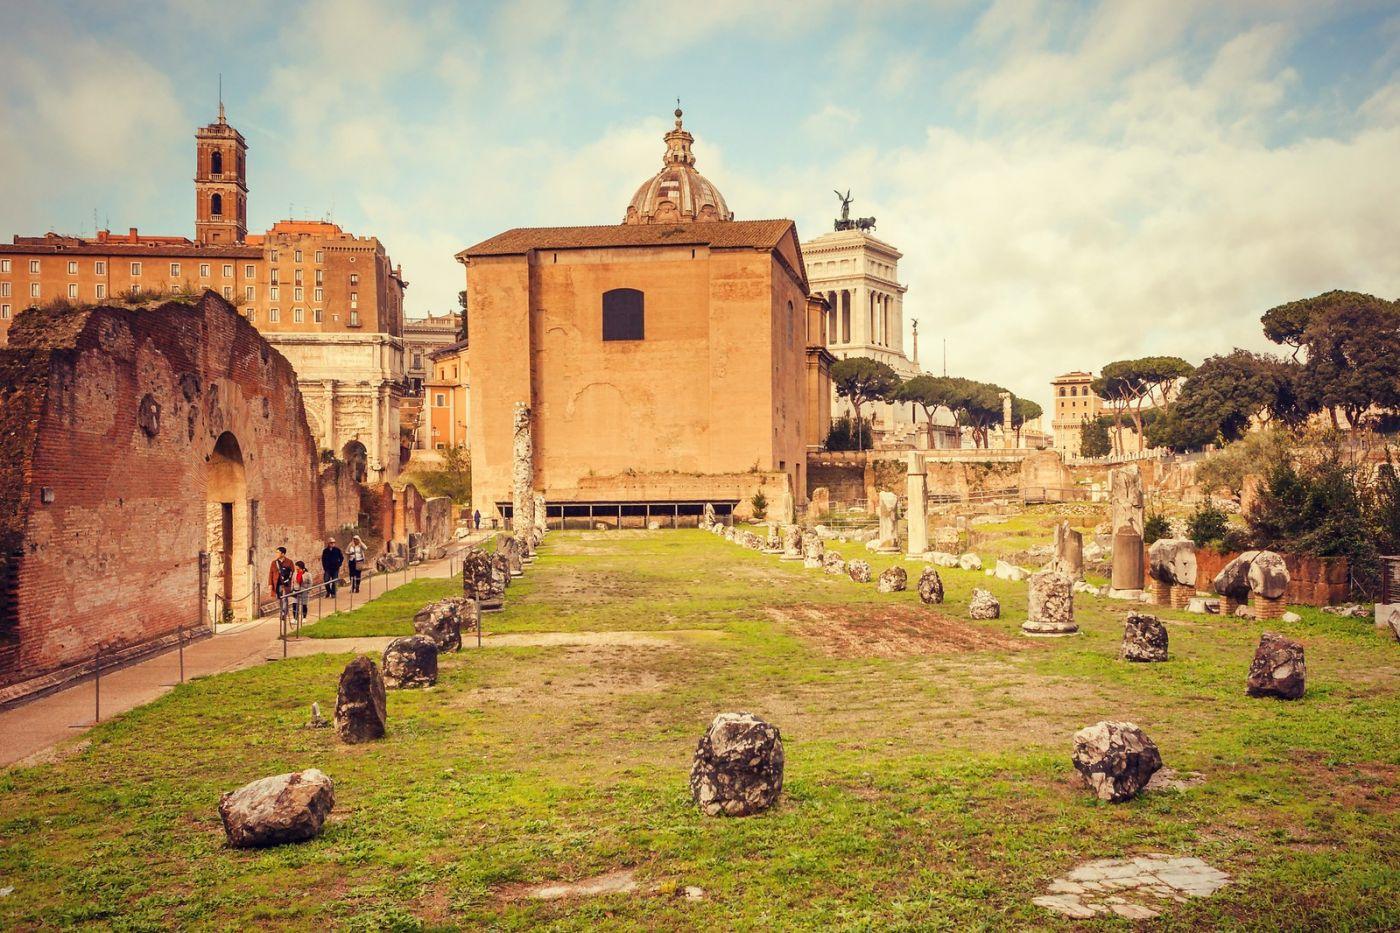 意大利罗马论坛,很敬佩_图1-28